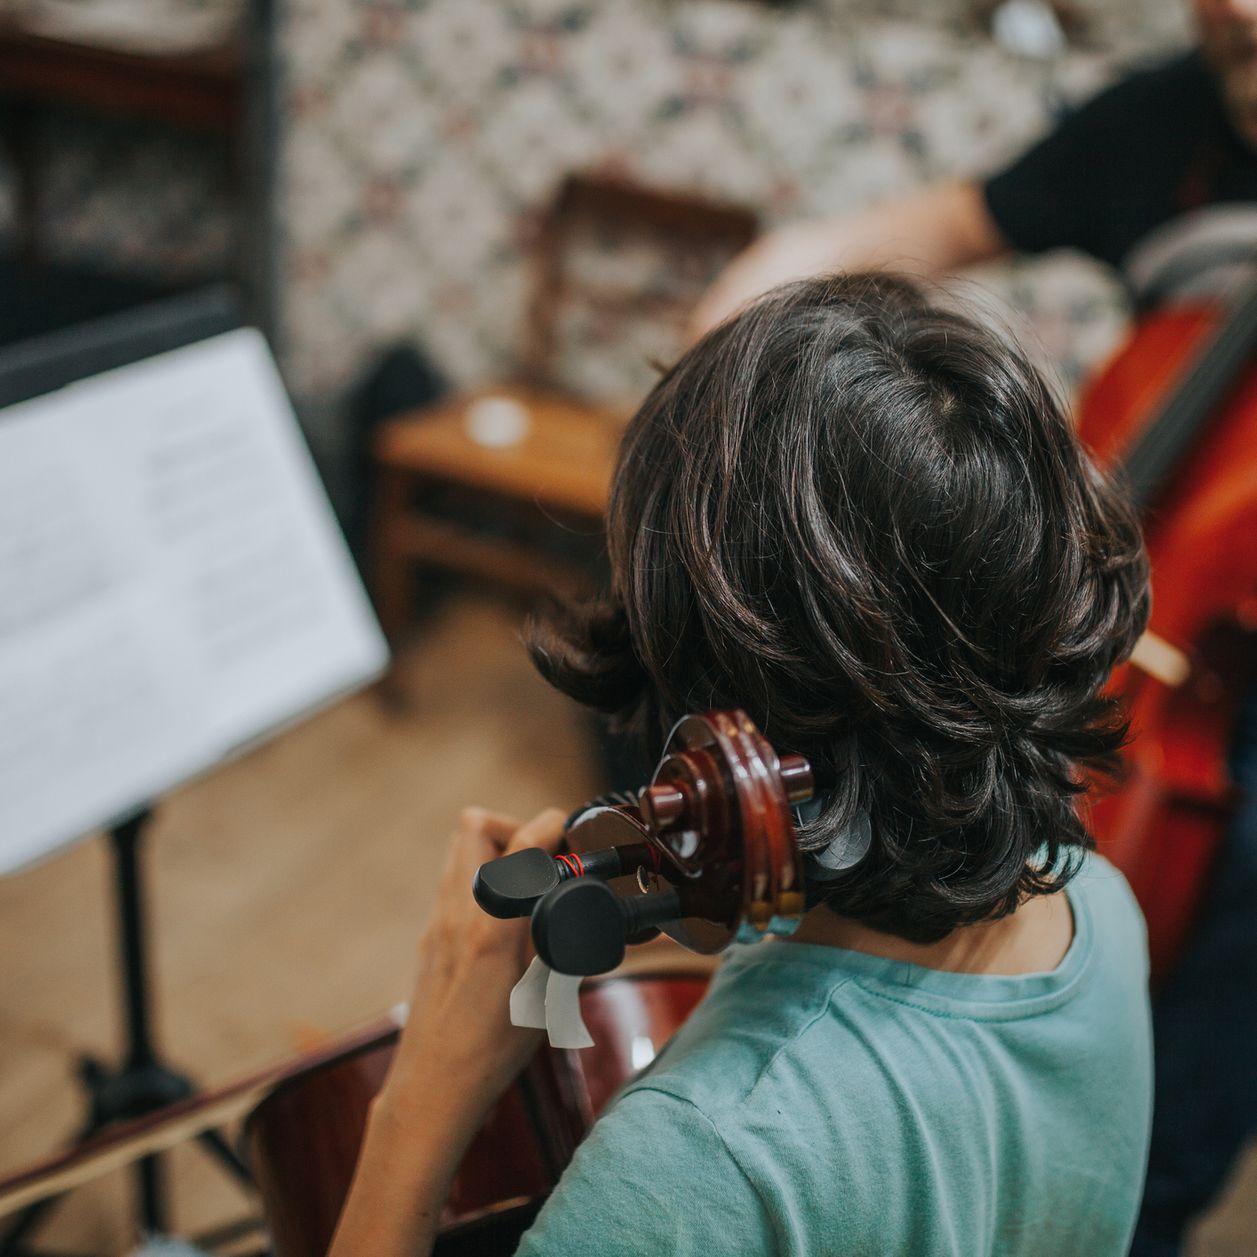 Violences sexuelles : 10 élèves du Conservatoire de musique de Paris dénoncent leur prof